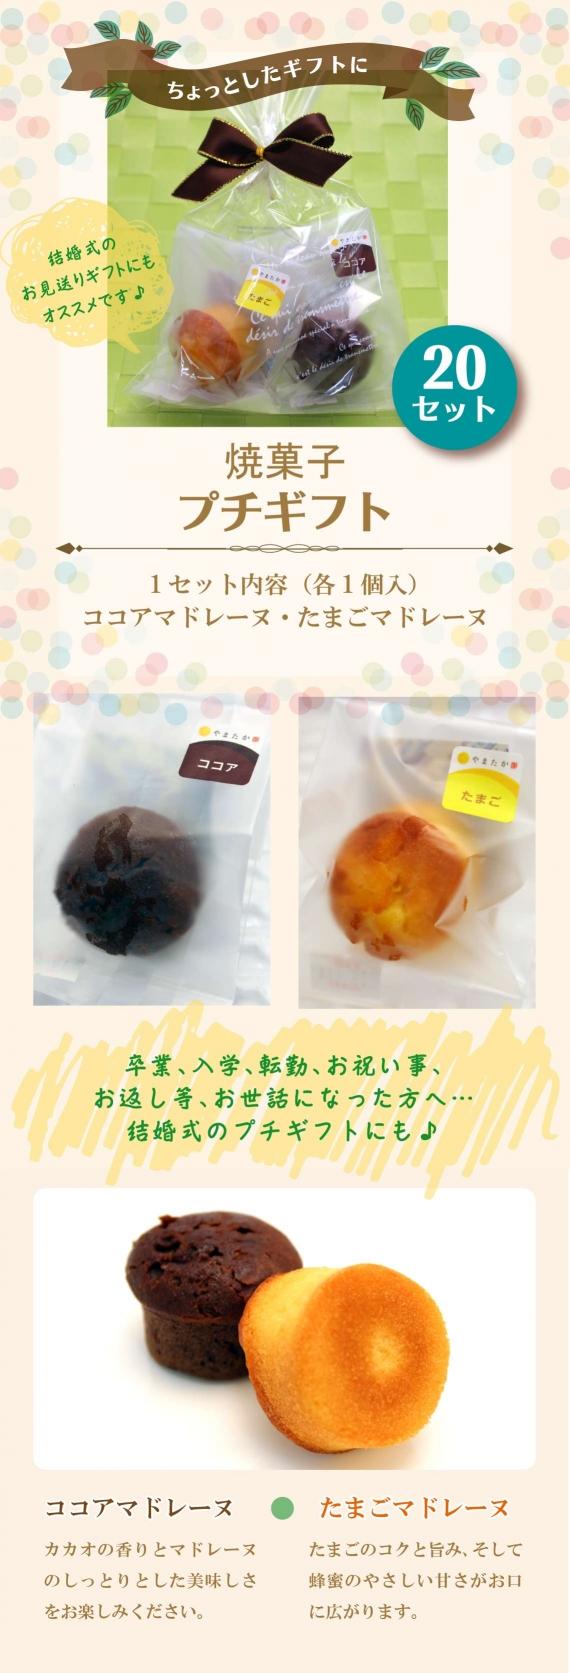 <47CLUB>プチギフト【20セット】玉子職人のプチ・マドレーヌ2種 たまご・ココア(各1個)